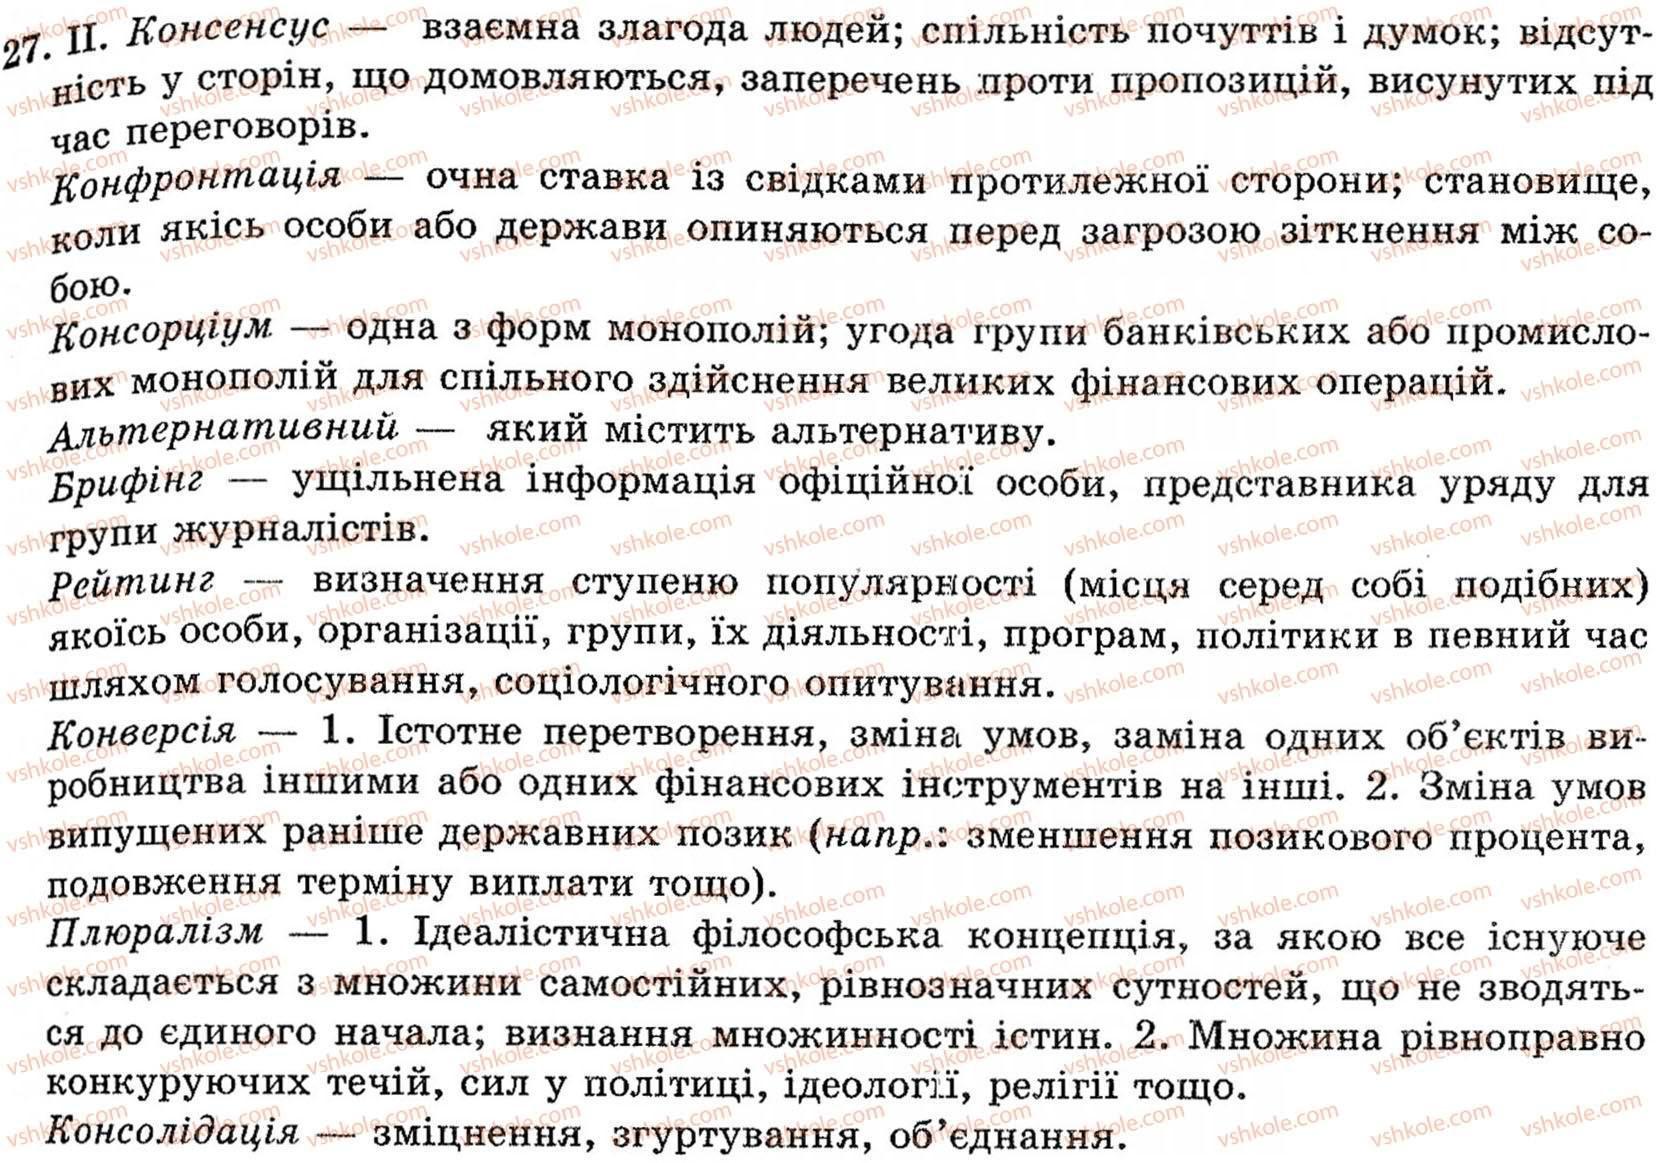 Украинский язык 3 класс ответы решебник хорошковська онлайн.